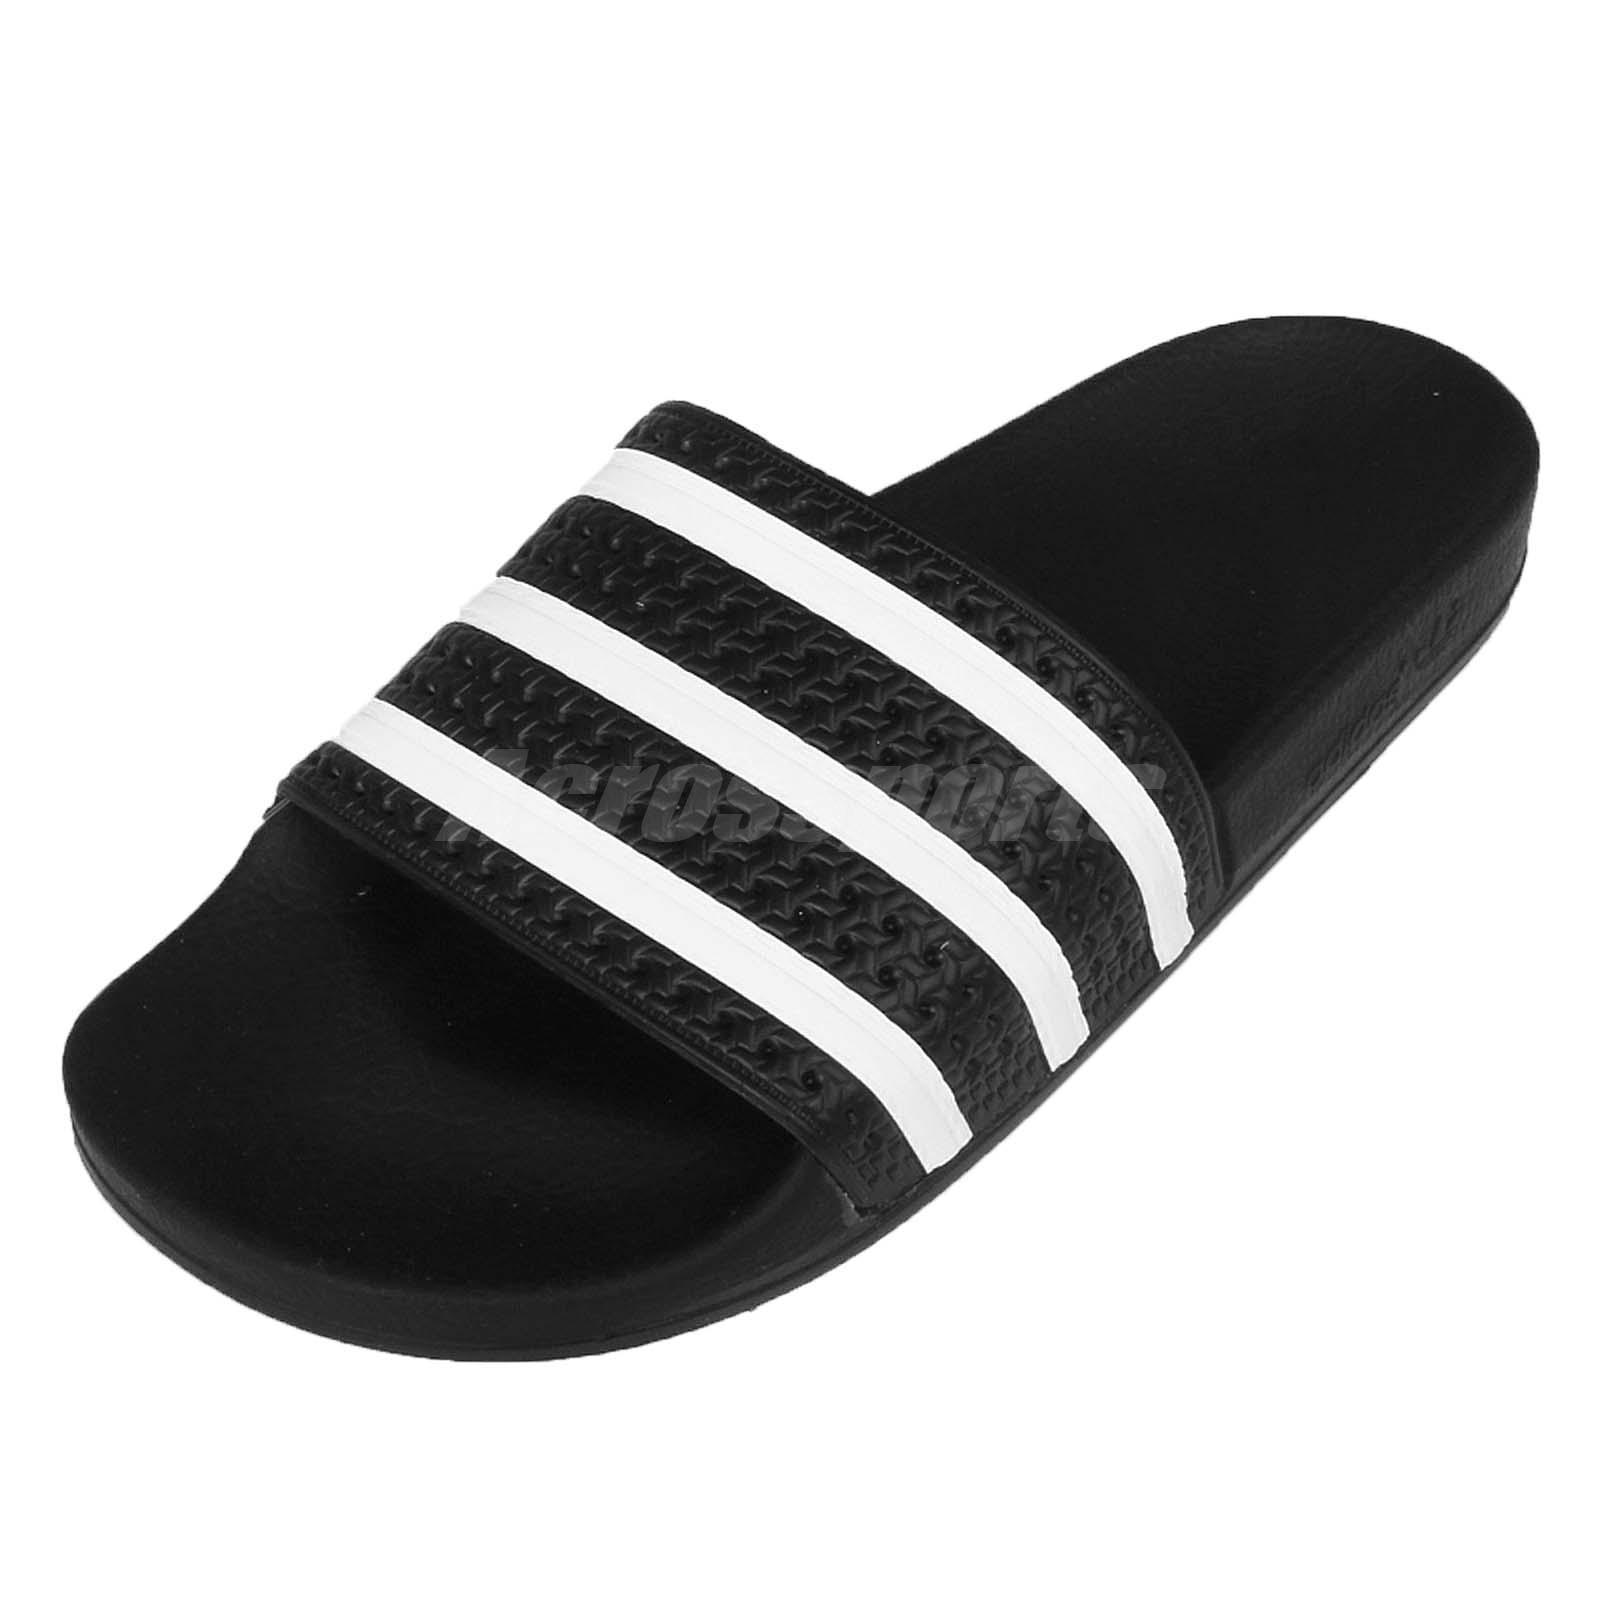 6bc546d47 adidas Performance Adilette Black White Men Sports Sandal Slide Slippers  280647